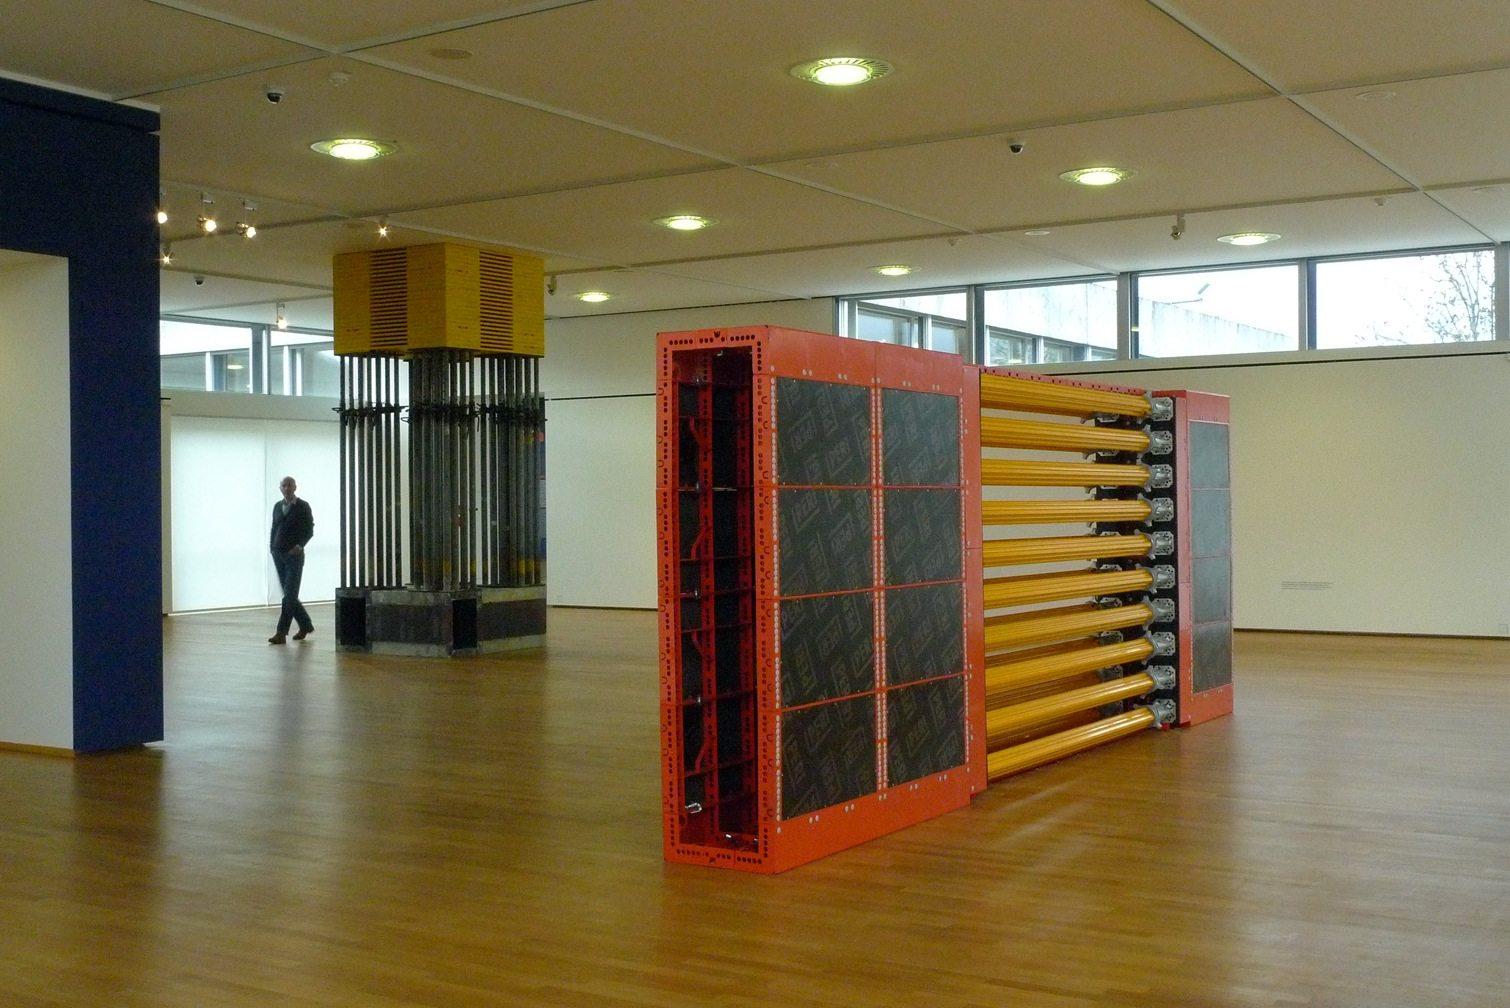 Grundkredit Saar. (Hintergrund) 2012, Stahl, Holz, Gummi, 399 x 150 x 150 cm. Vordergrund: Hochkant 90/09/12 Saar PERI, 2012. 220 x 600 x 55 cm, Saarland Museum, Moderne Galerie.